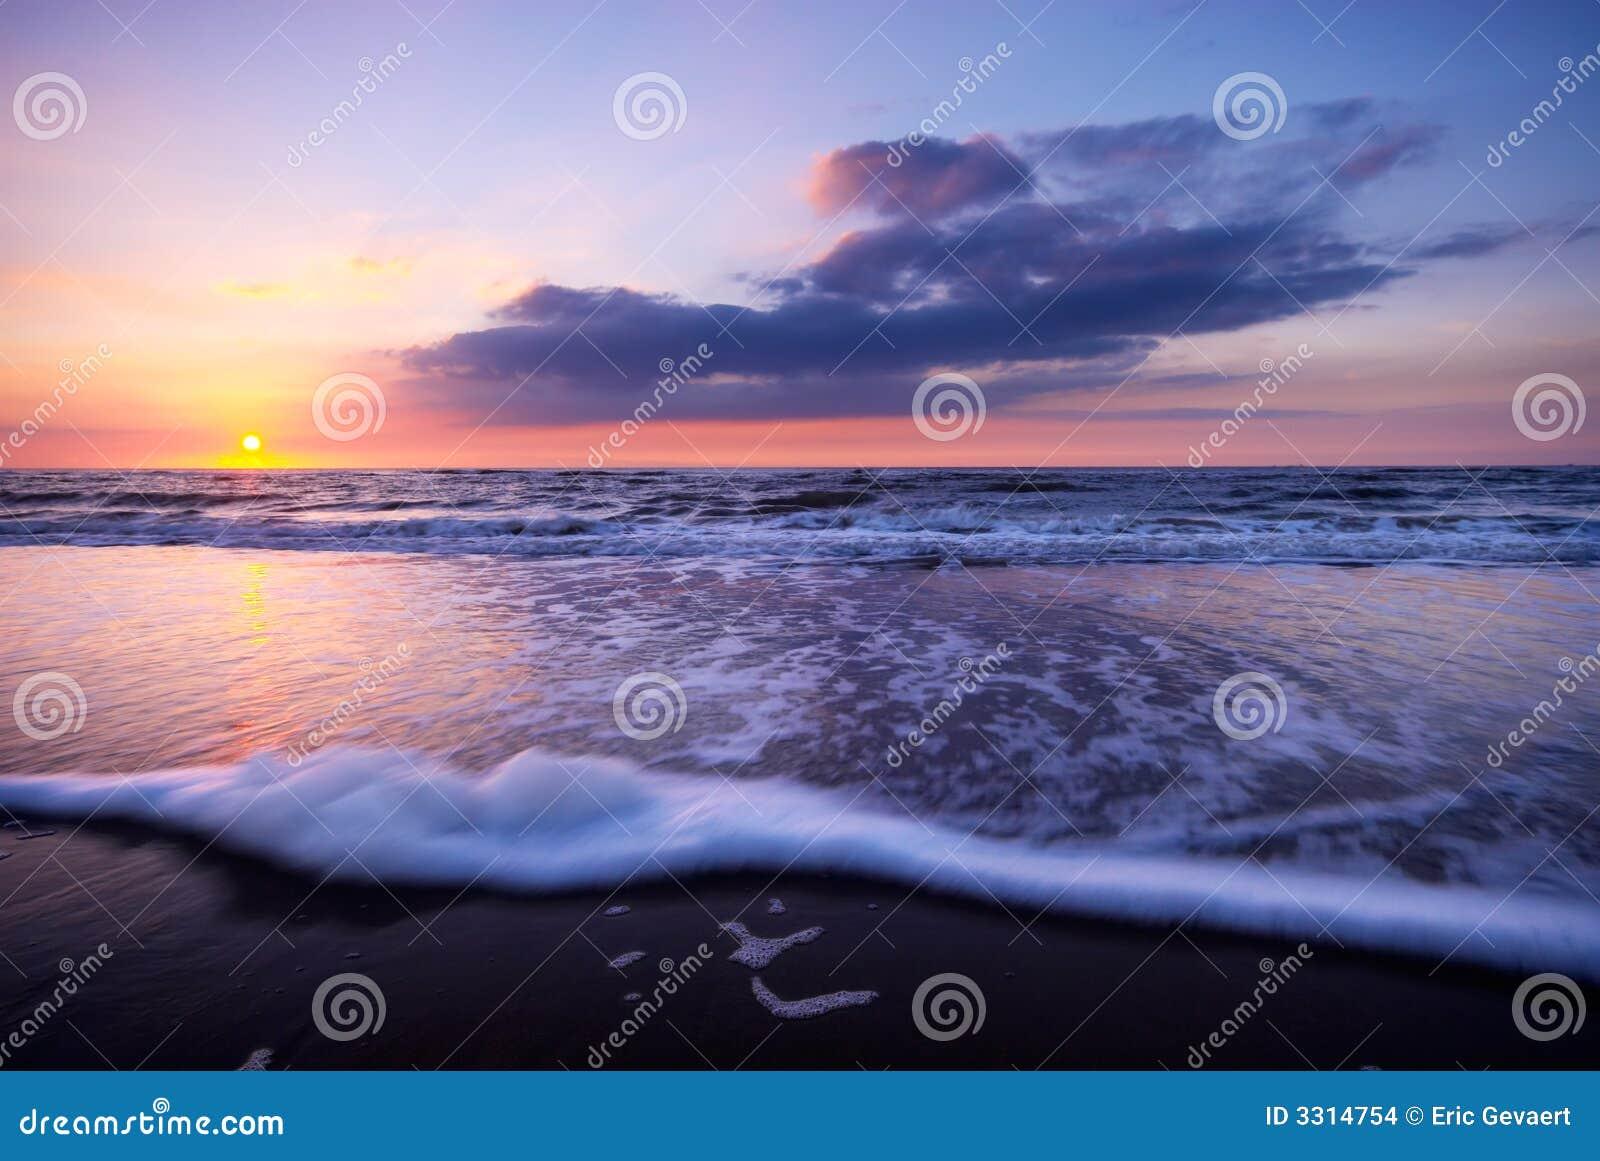 Wellen Auf Dem Strand Nachts Stockfoto Bild Von Bunt Reflexion